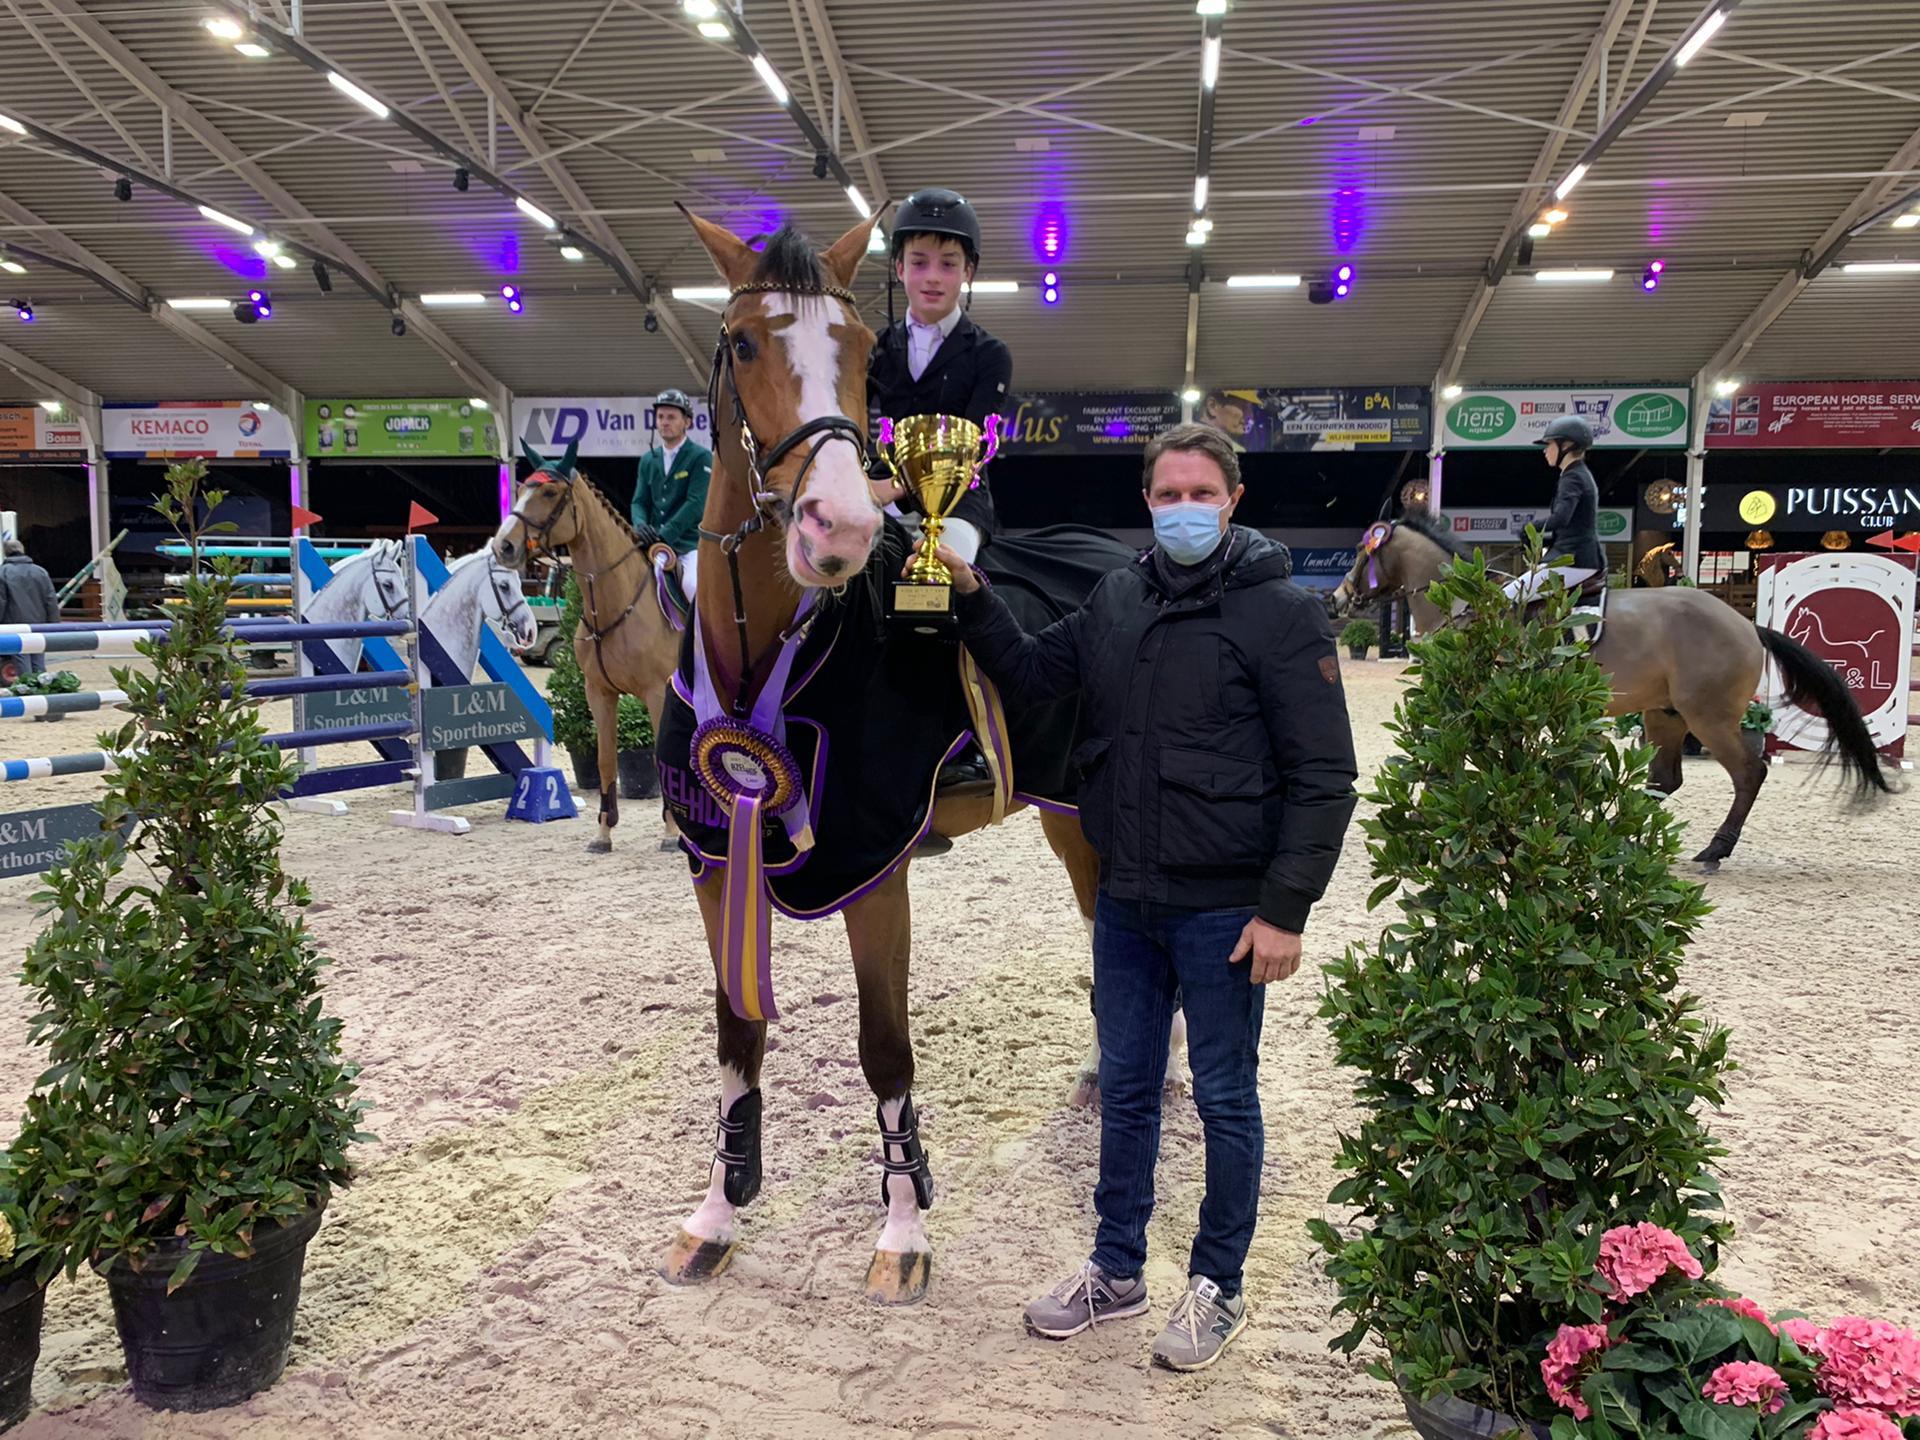 CSIYH Lier: Veldhuis en Kramer scoren top tien klasseringen in finale